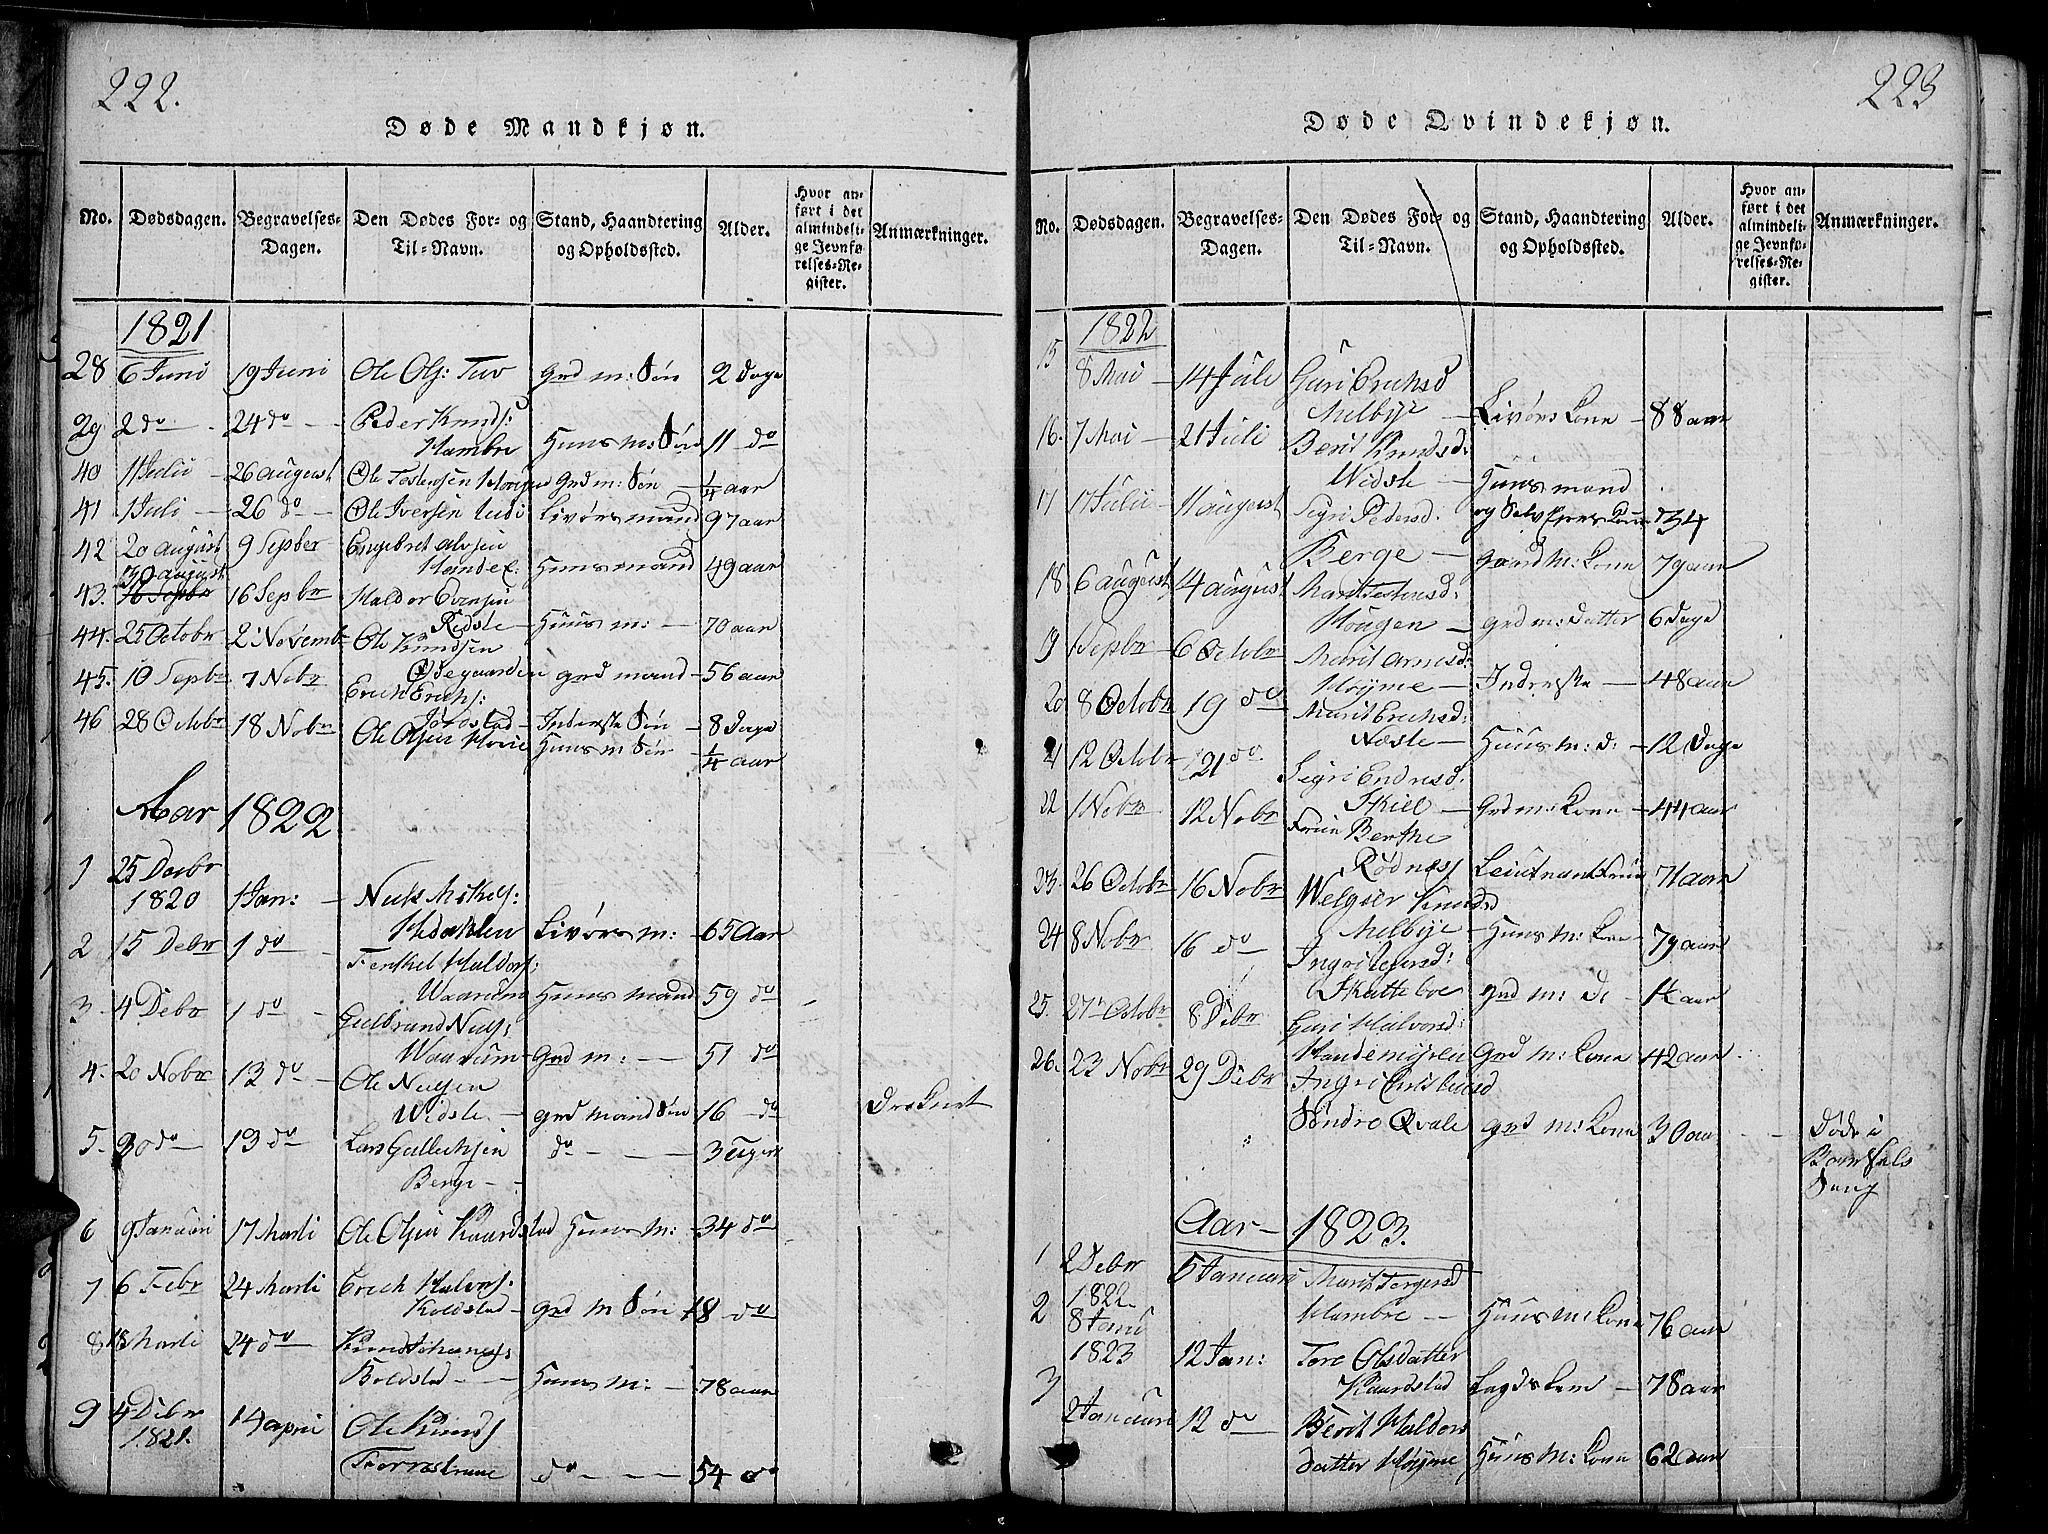 SAH, Slidre prestekontor, Ministerialbok nr. 2, 1814-1830, s. 222-223